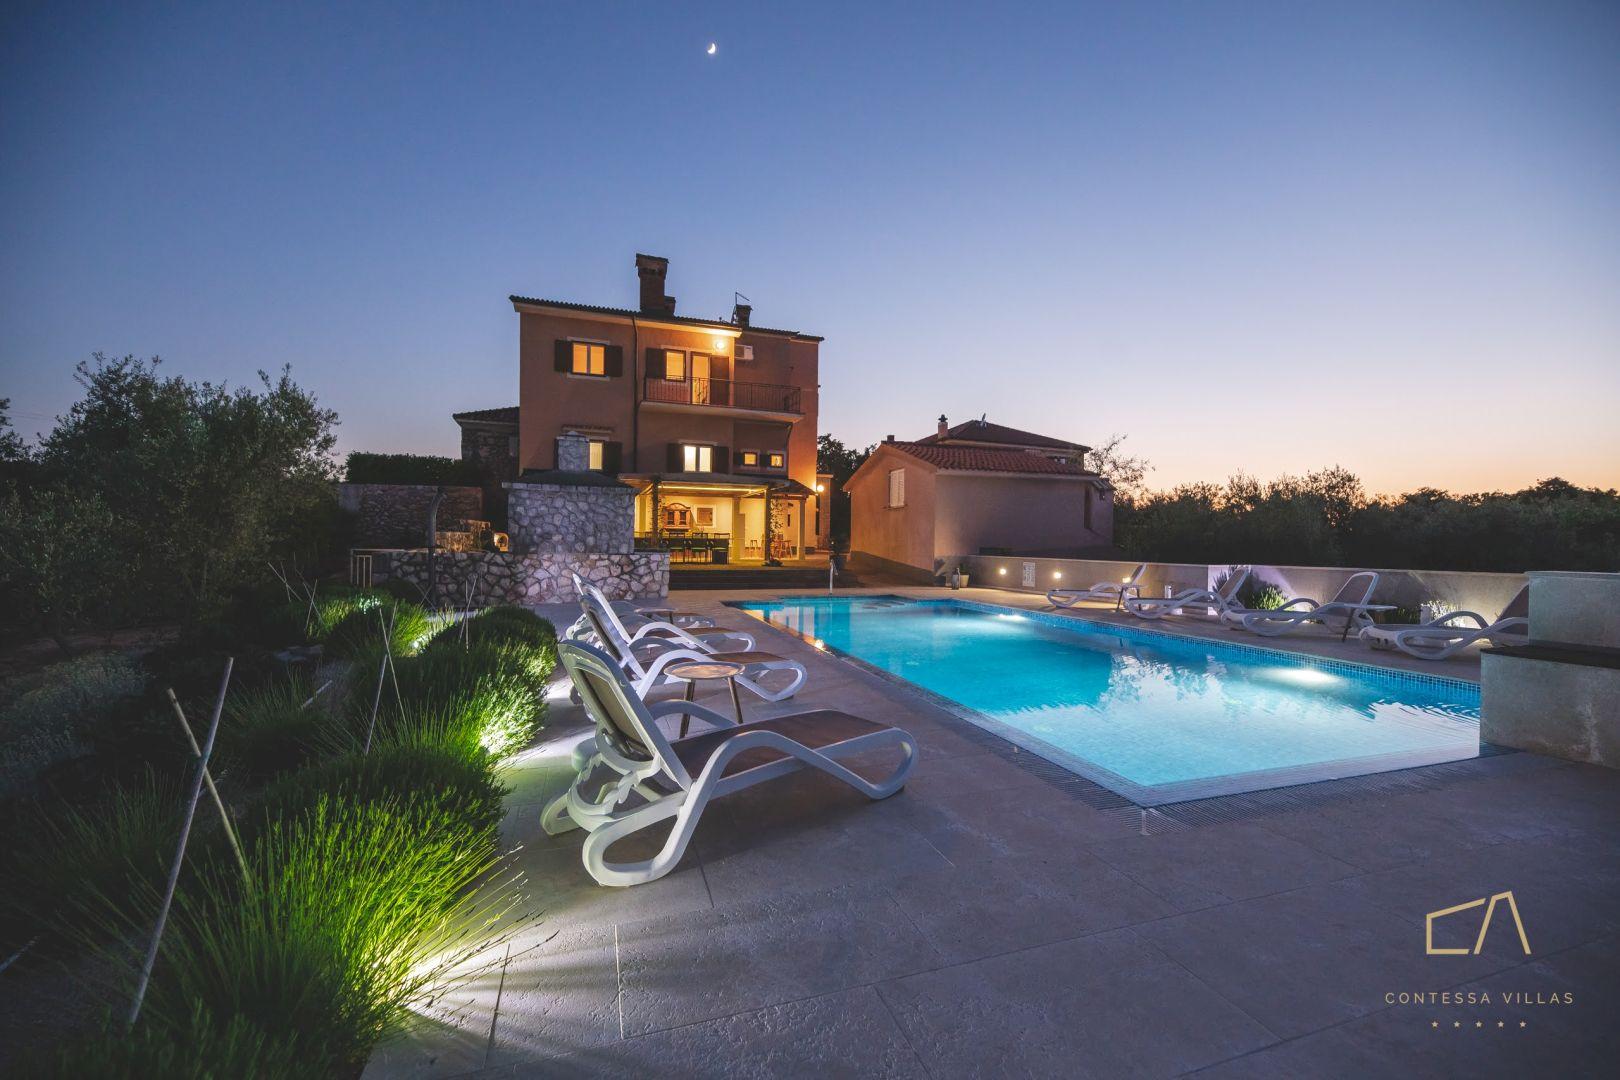 Predstavljamo vam Villu Jele***** s bazenom i konobom u mirnom okruženju na Krku